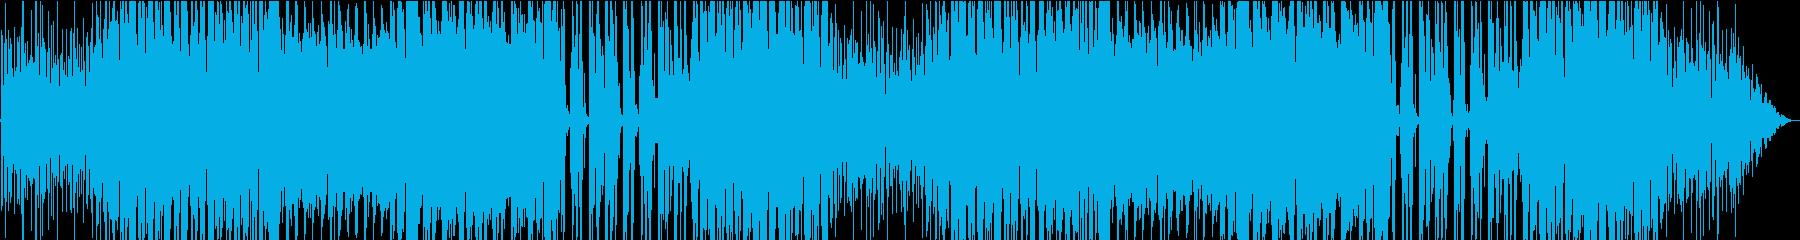 切ないメロディと楽しいリズムのケルトの再生済みの波形